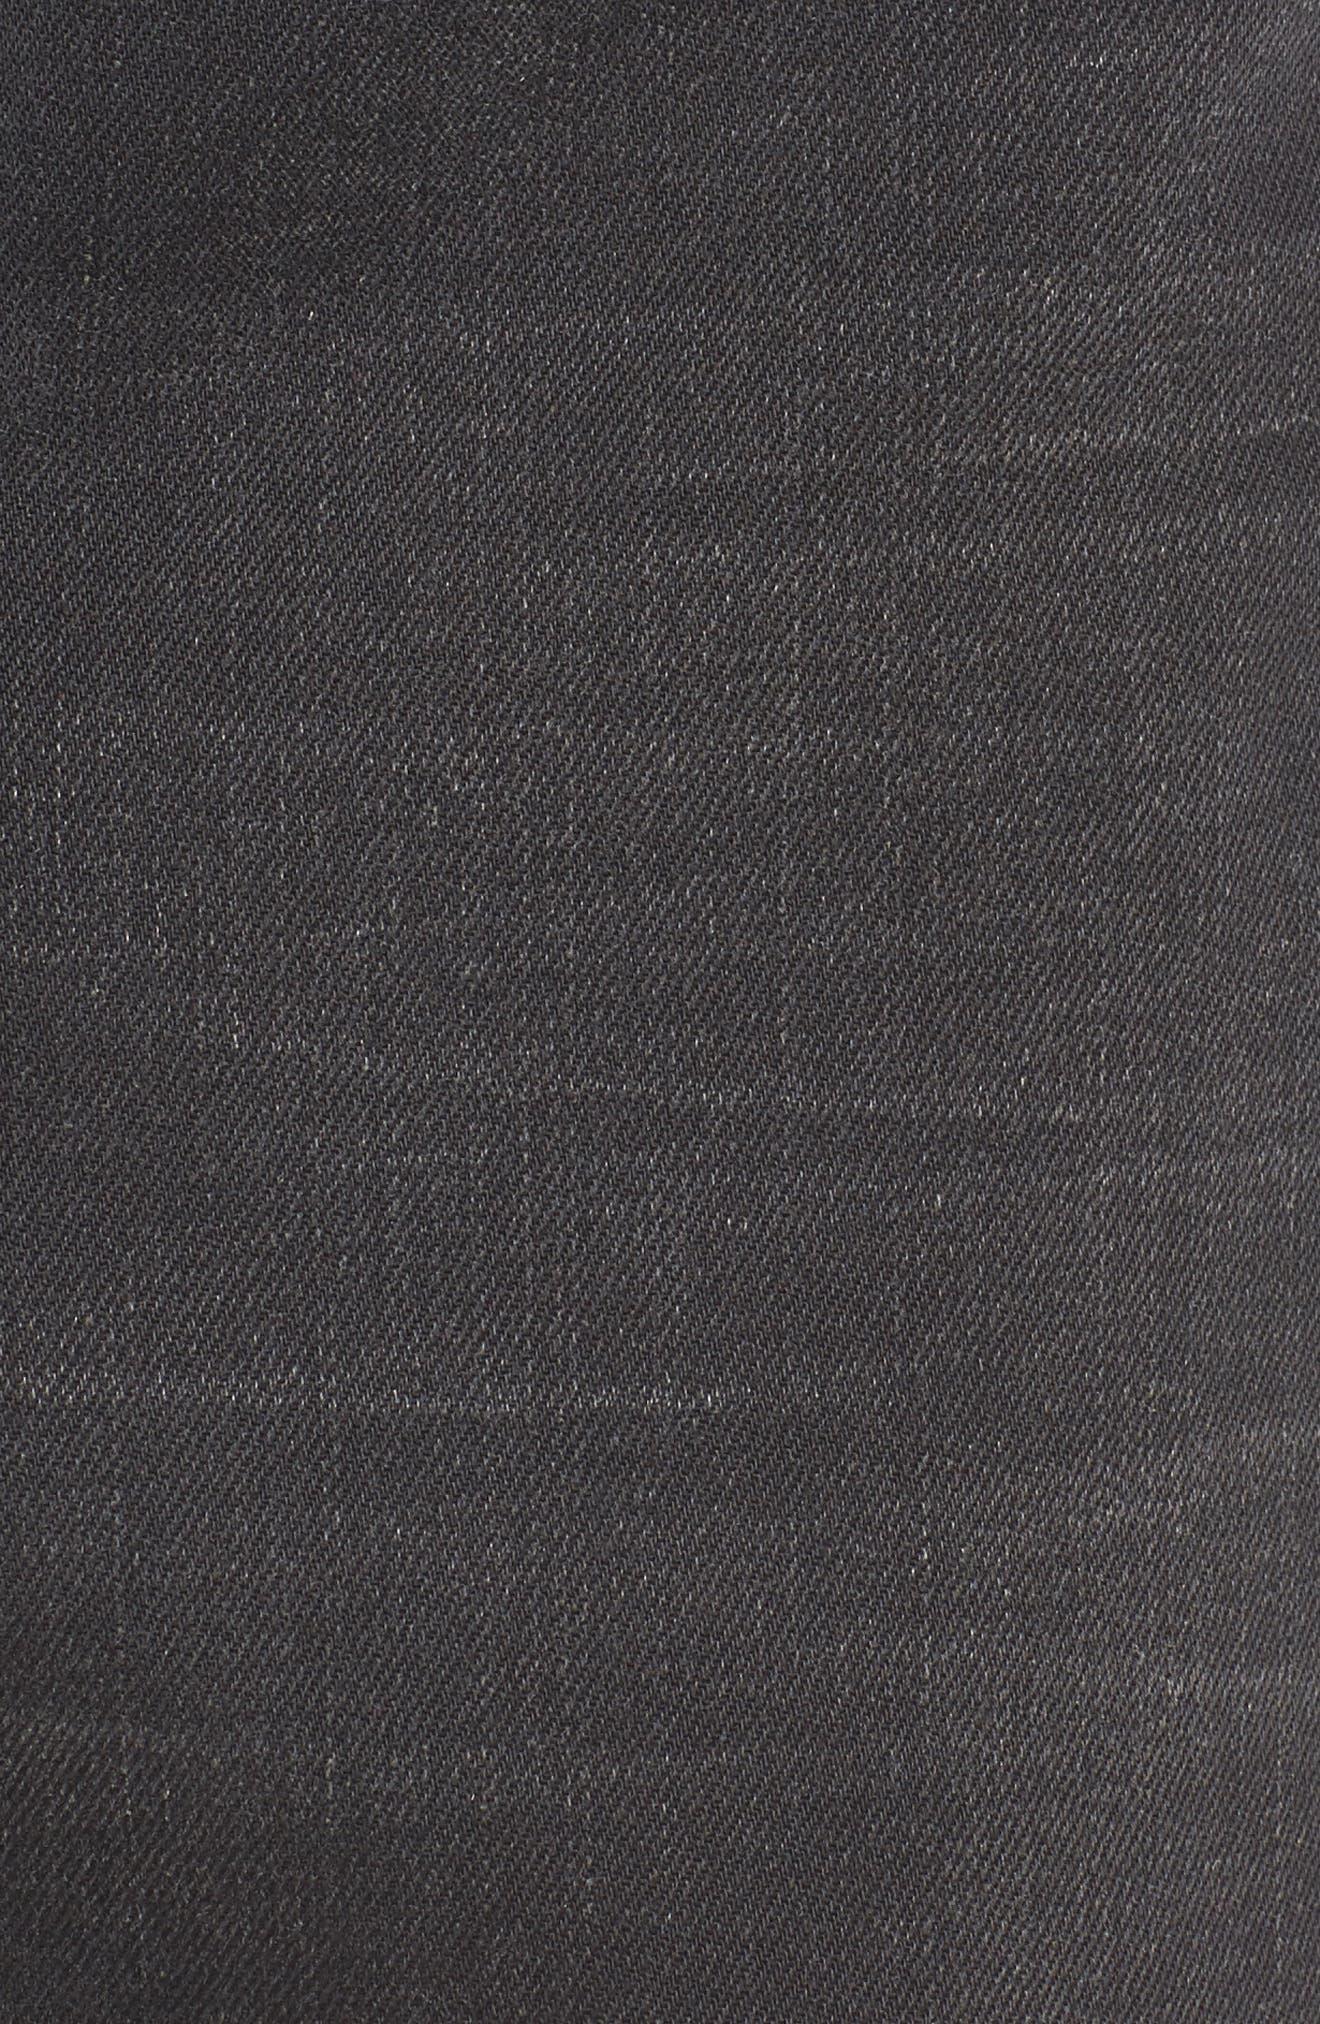 Destroyed Denim Miniskirt,                             Alternate thumbnail 5, color,                             001